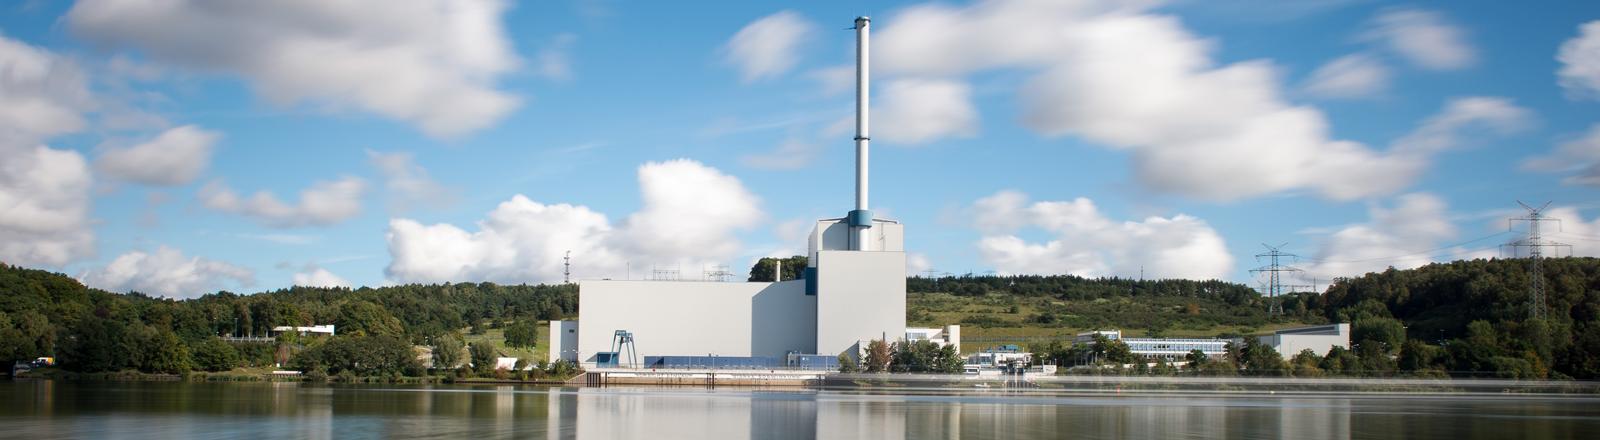 Das Kernkraftwerk Krümmel, aufgenommen am 28.09.2015 in Geesthacht (Schleswig-Holstein).